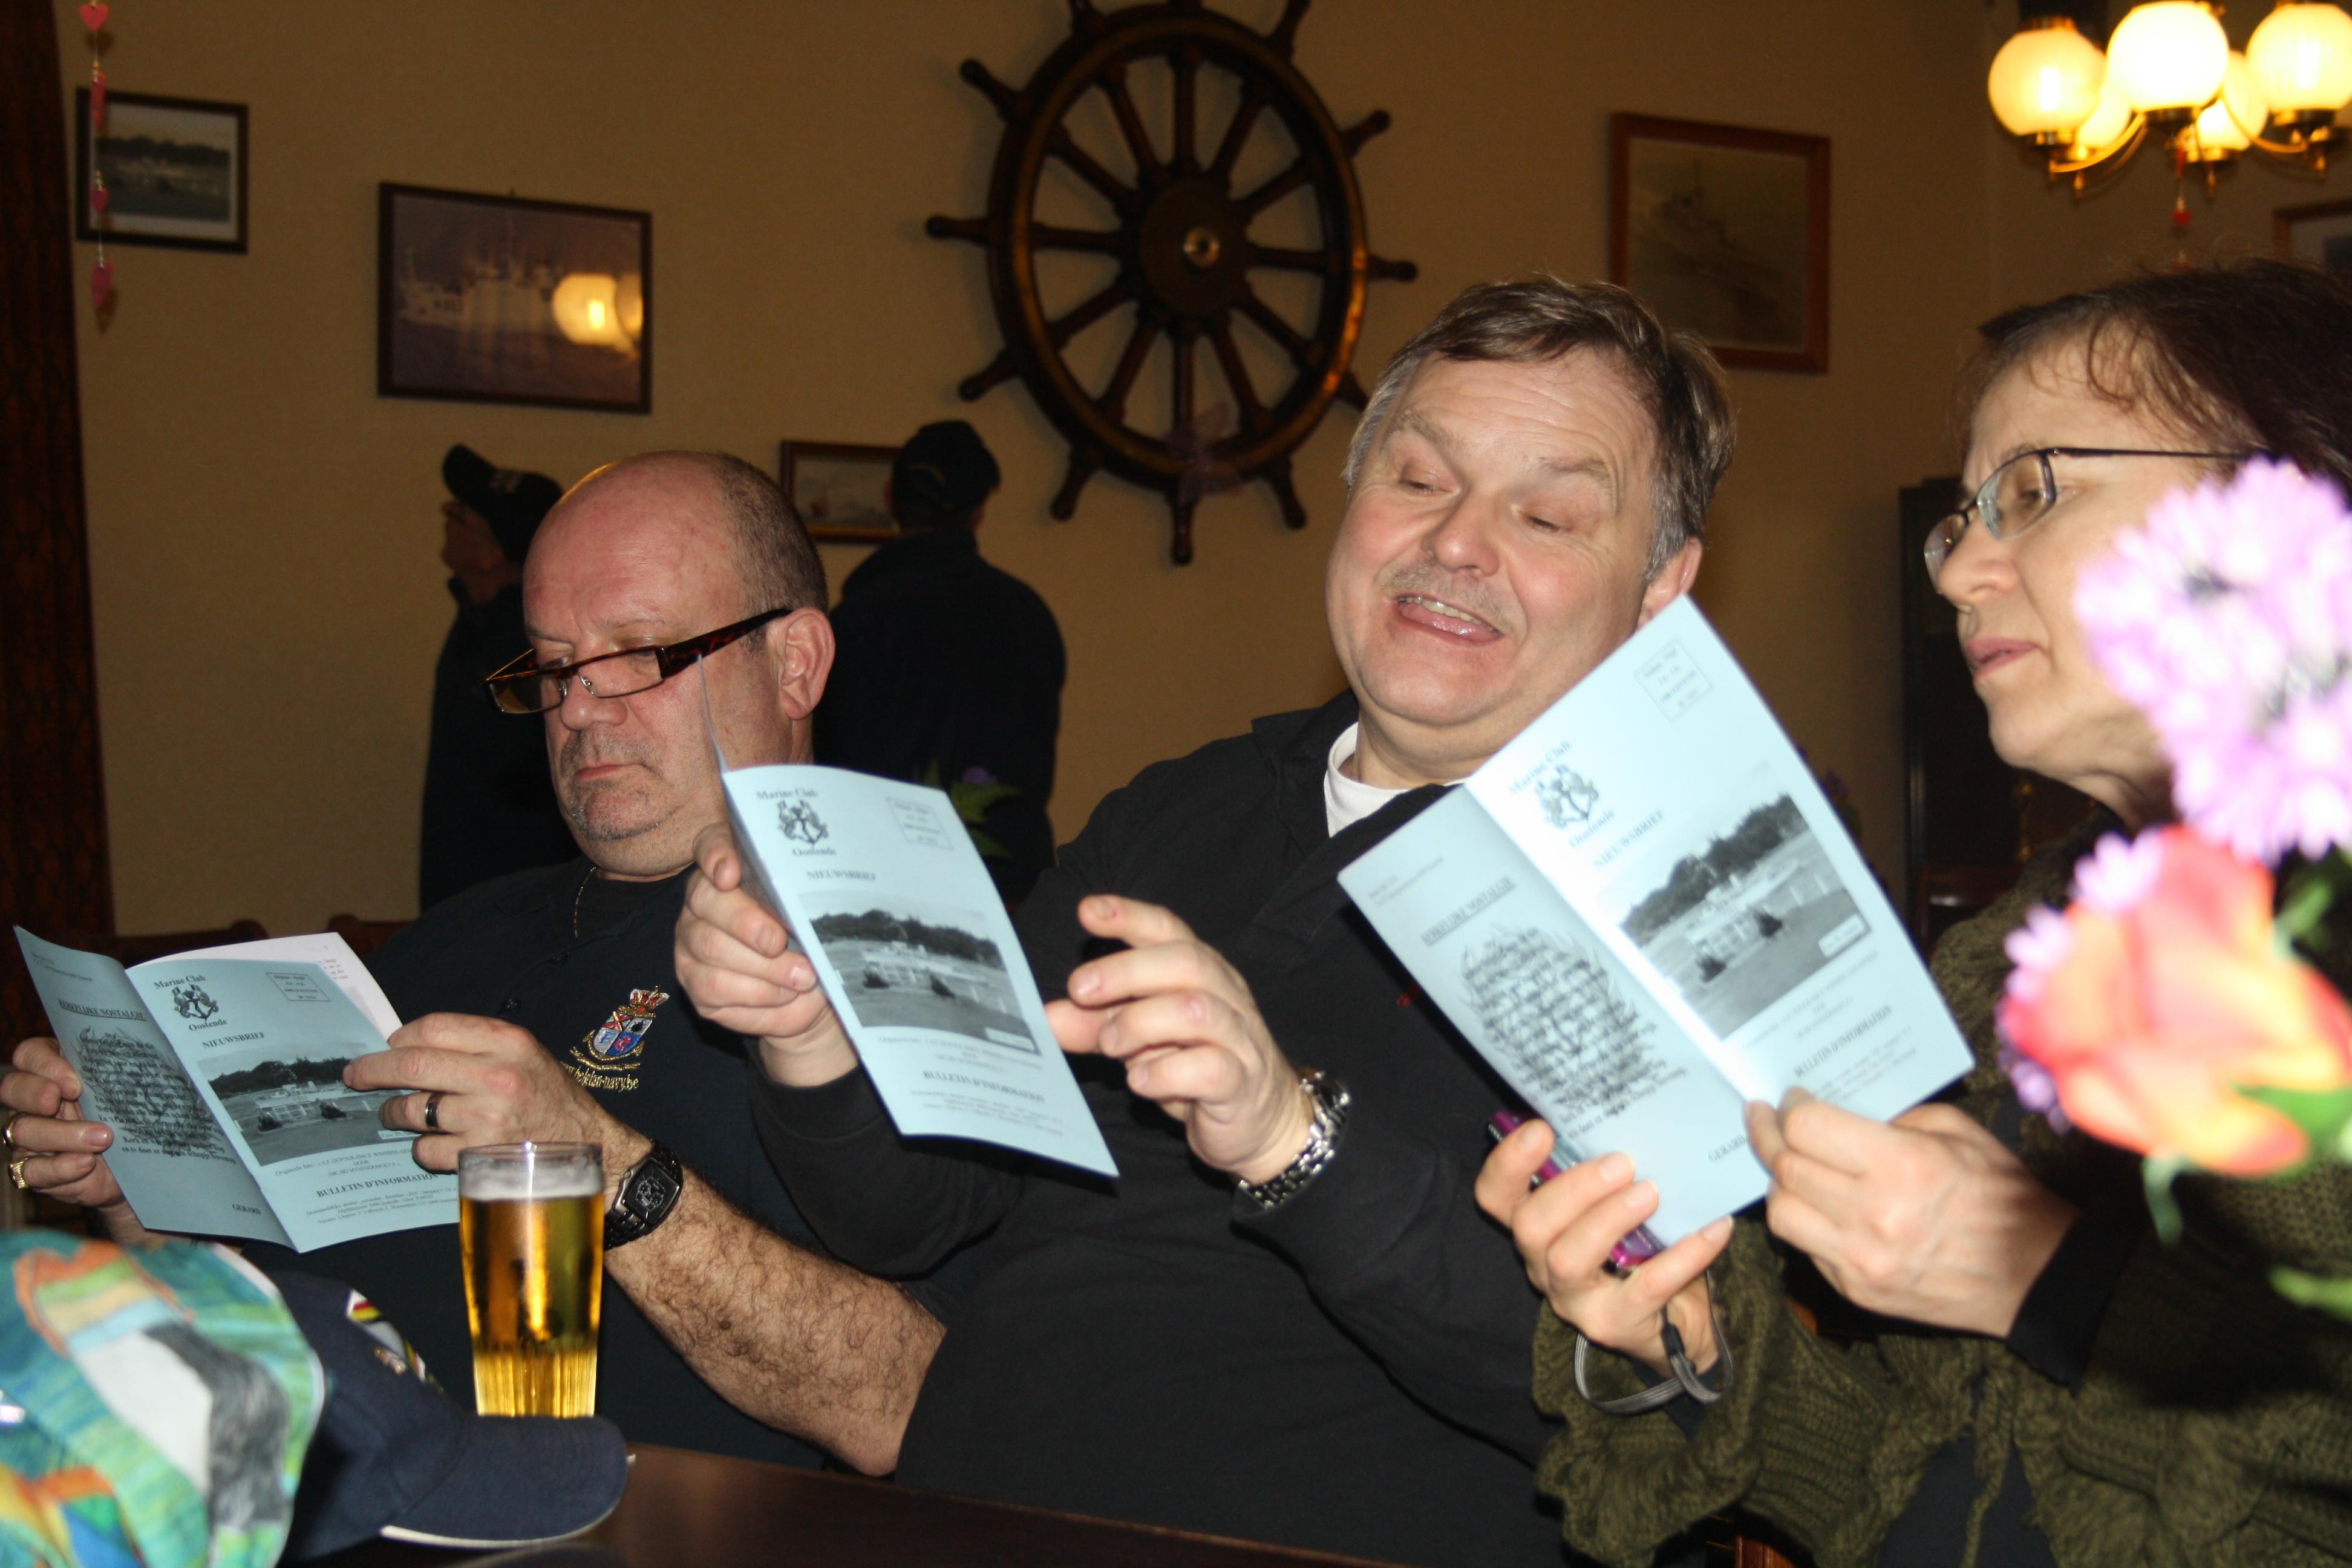 Réunion à Ostende le 26 février 2011 - Page 10 1102270936171095837727298